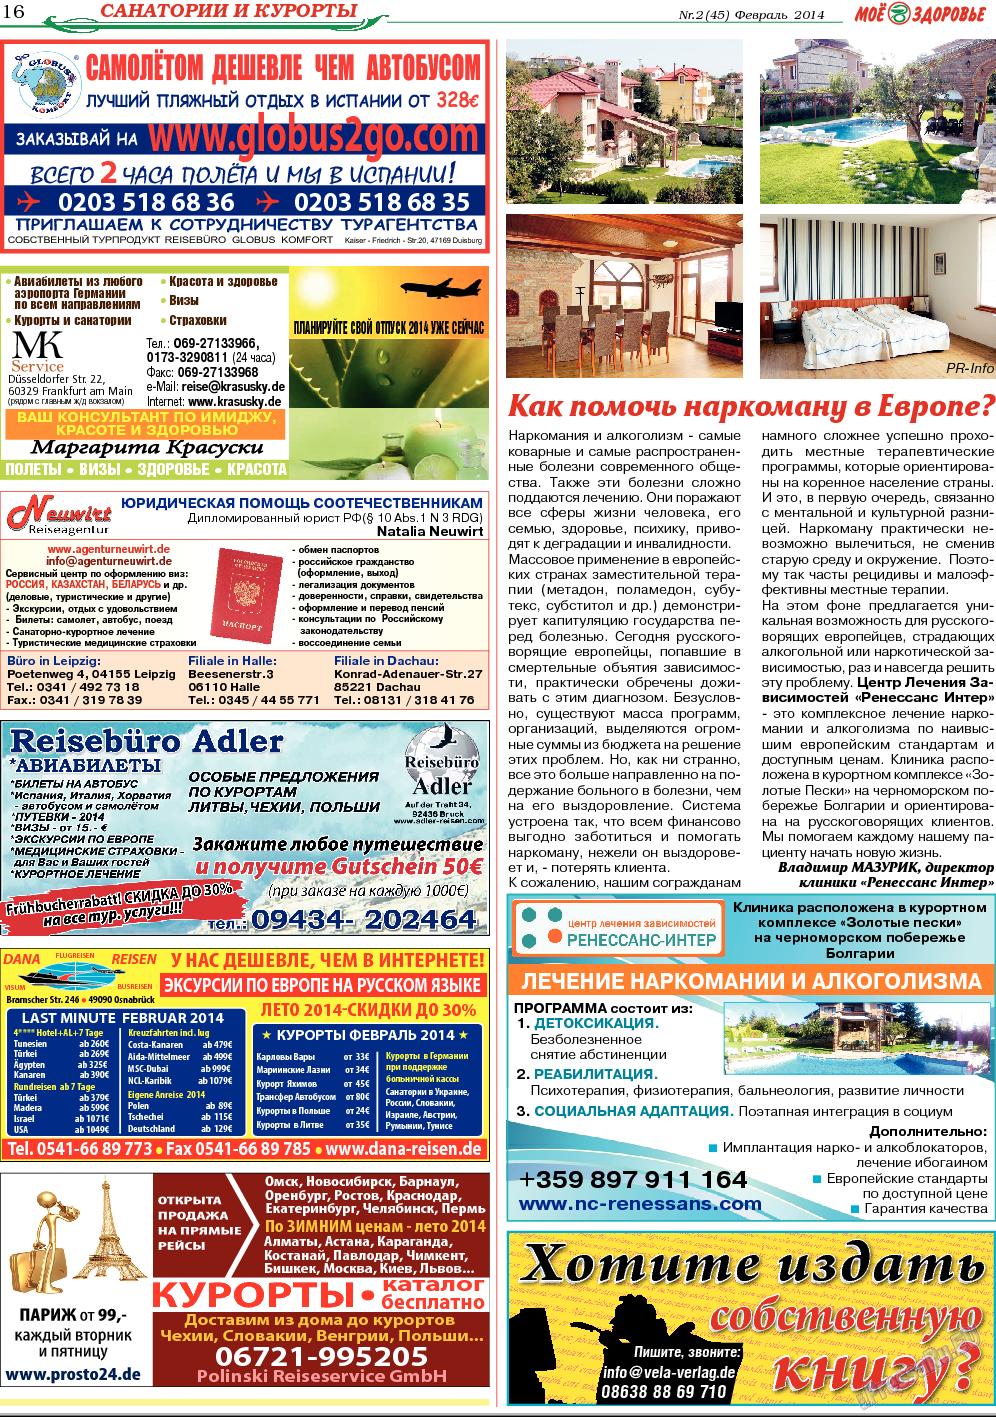 Кругозор (газета). 2014 год, номер 2, стр. 16